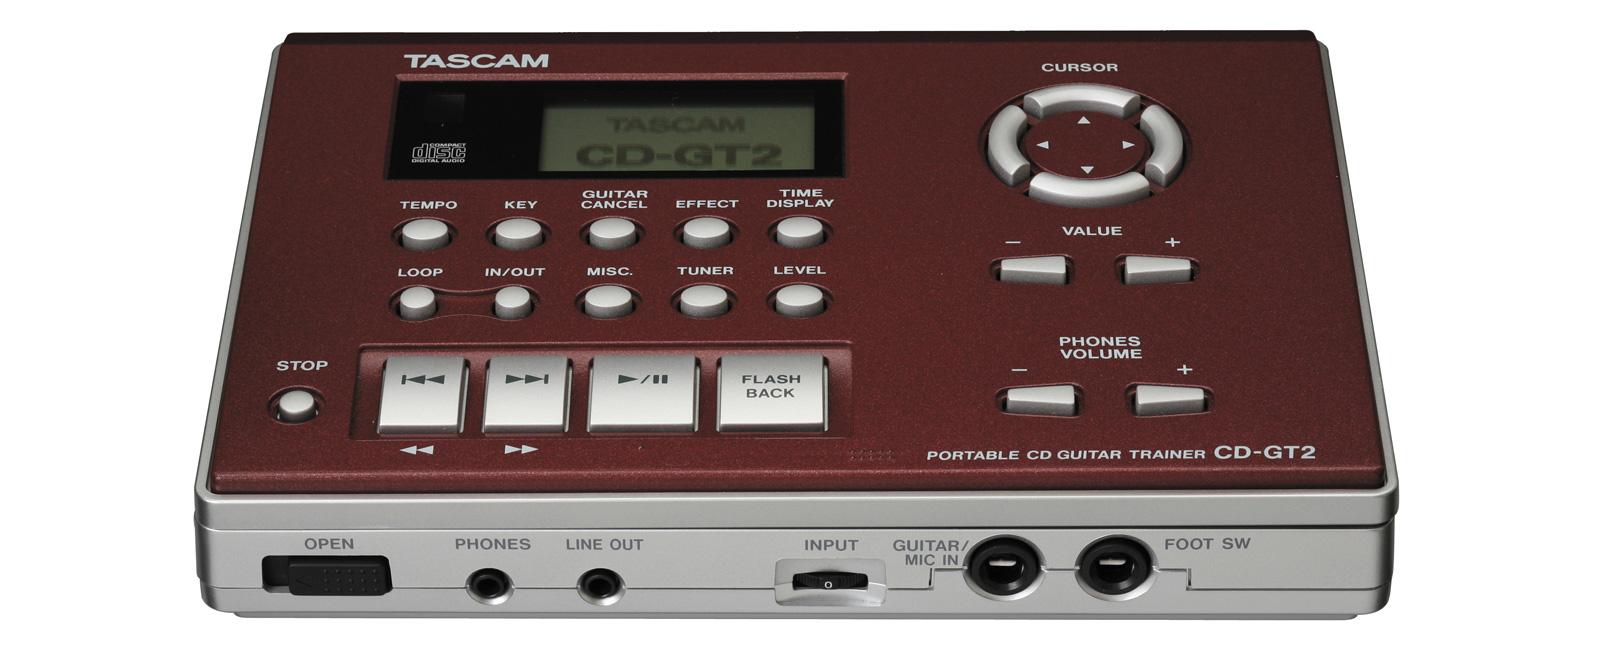 CD-GT2 | 製品トップ | TASCAM (日本)